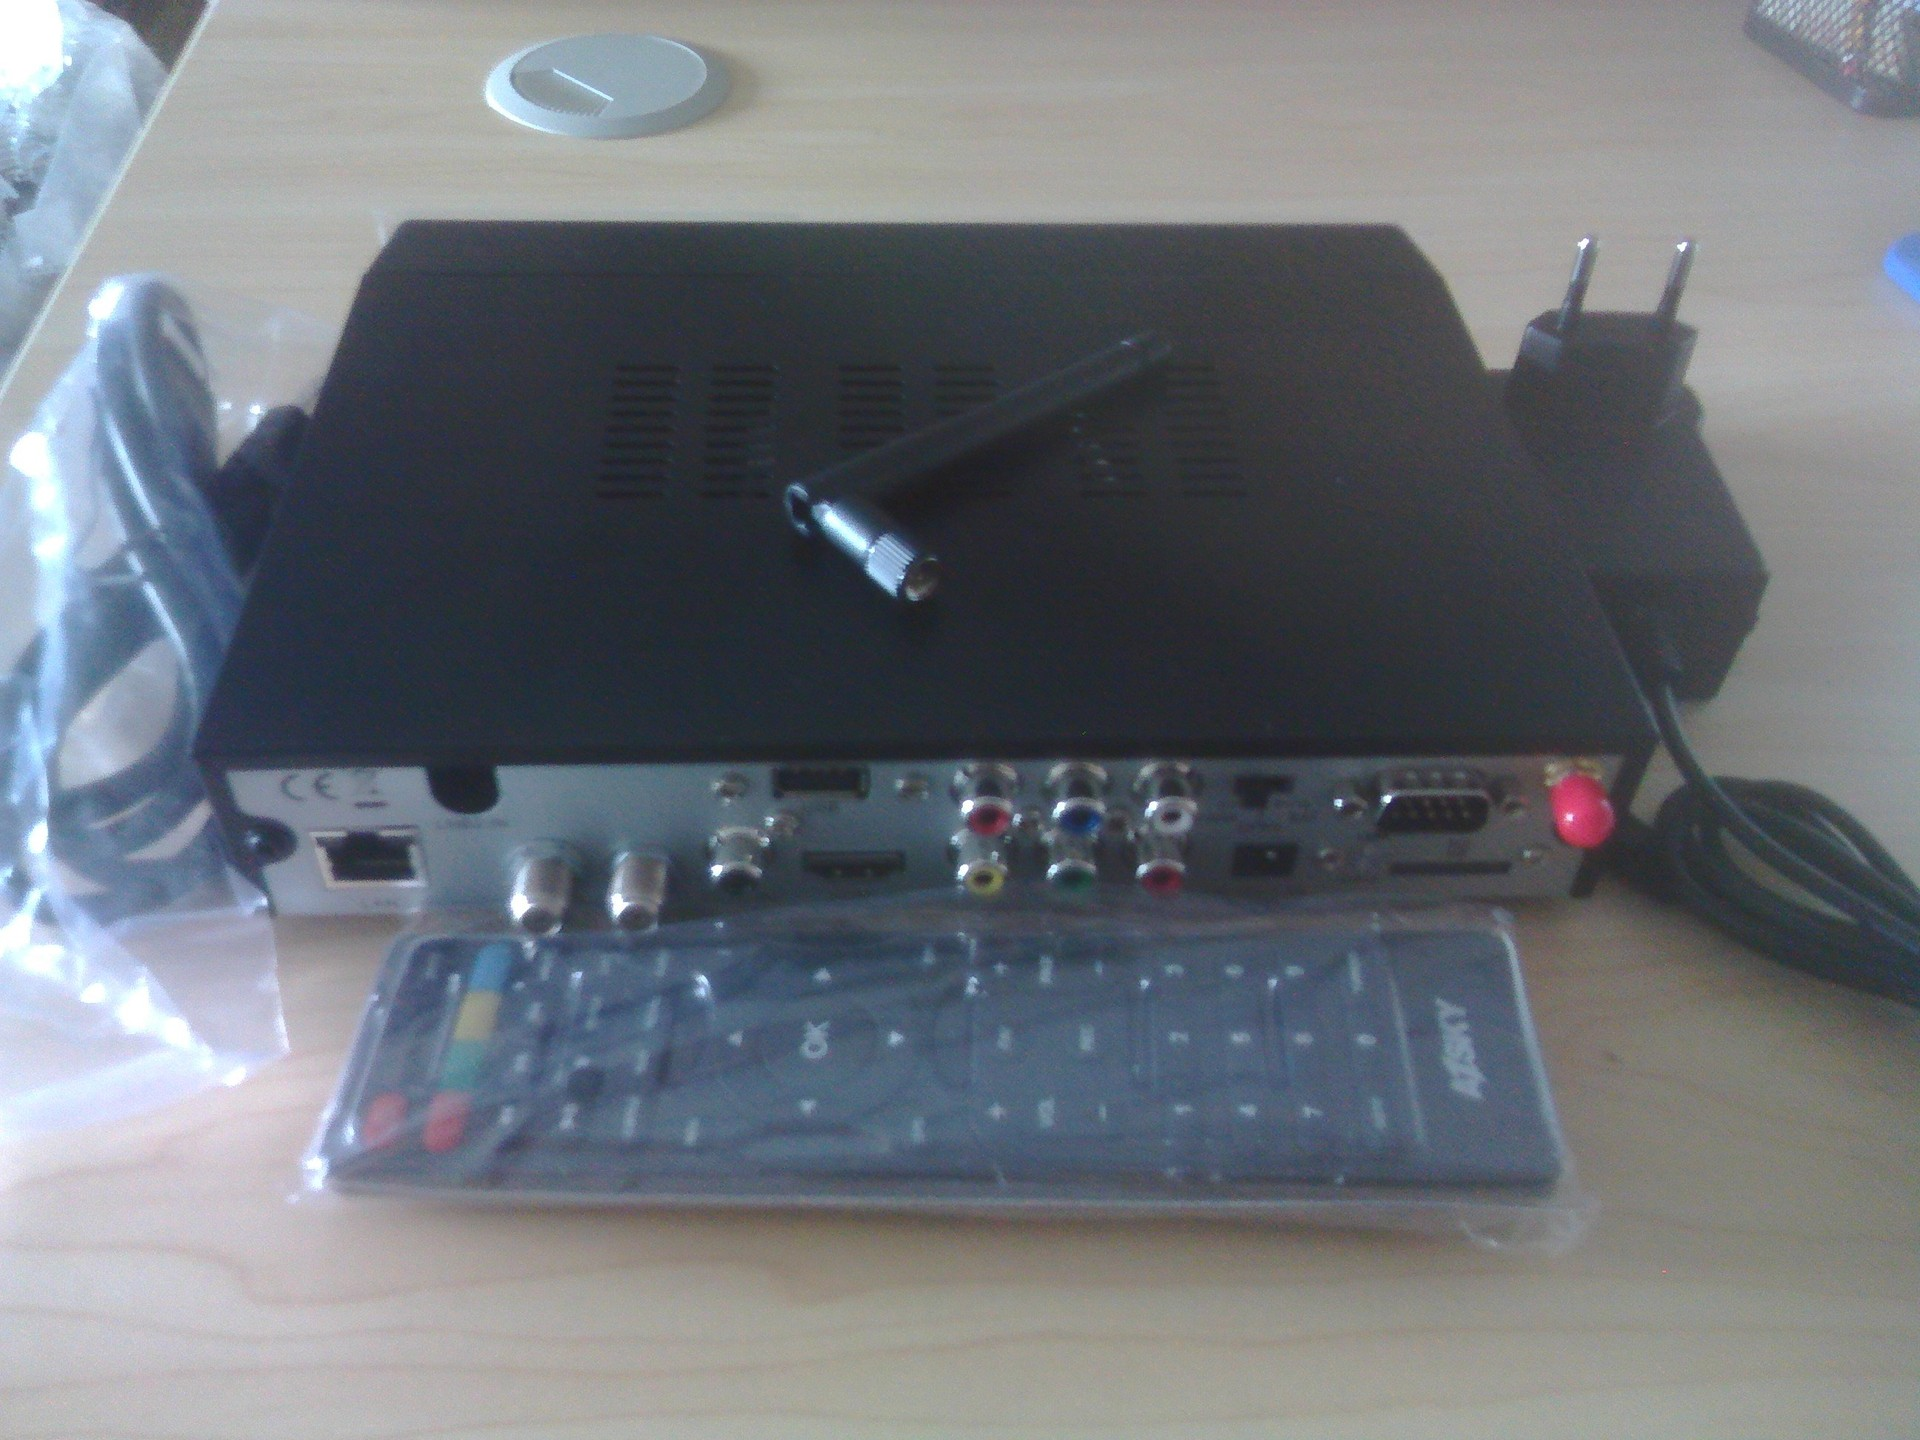 AZSKY G6 中西东非洲高清机顶盒